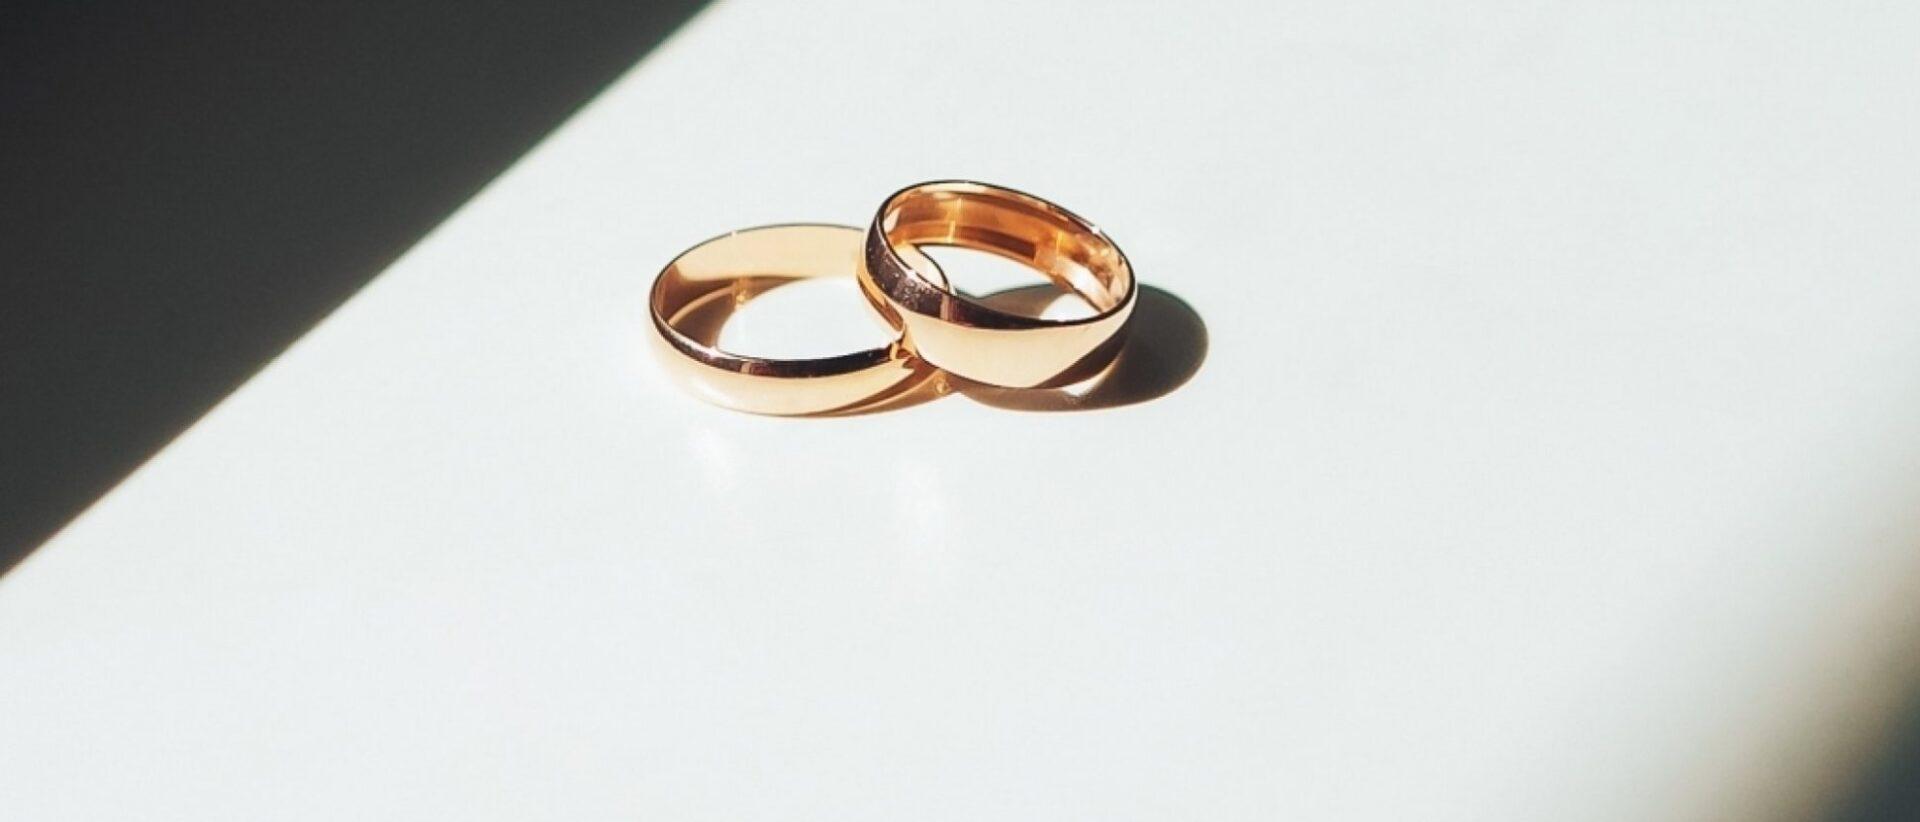 ask_leslie_montanile_marriage_millennials_crisis